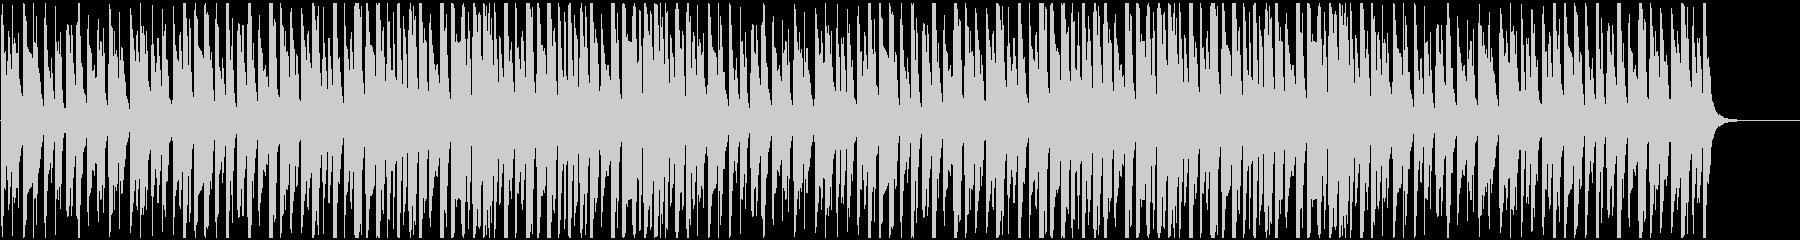 日常 ほのぼのBGM アコースティックの未再生の波形